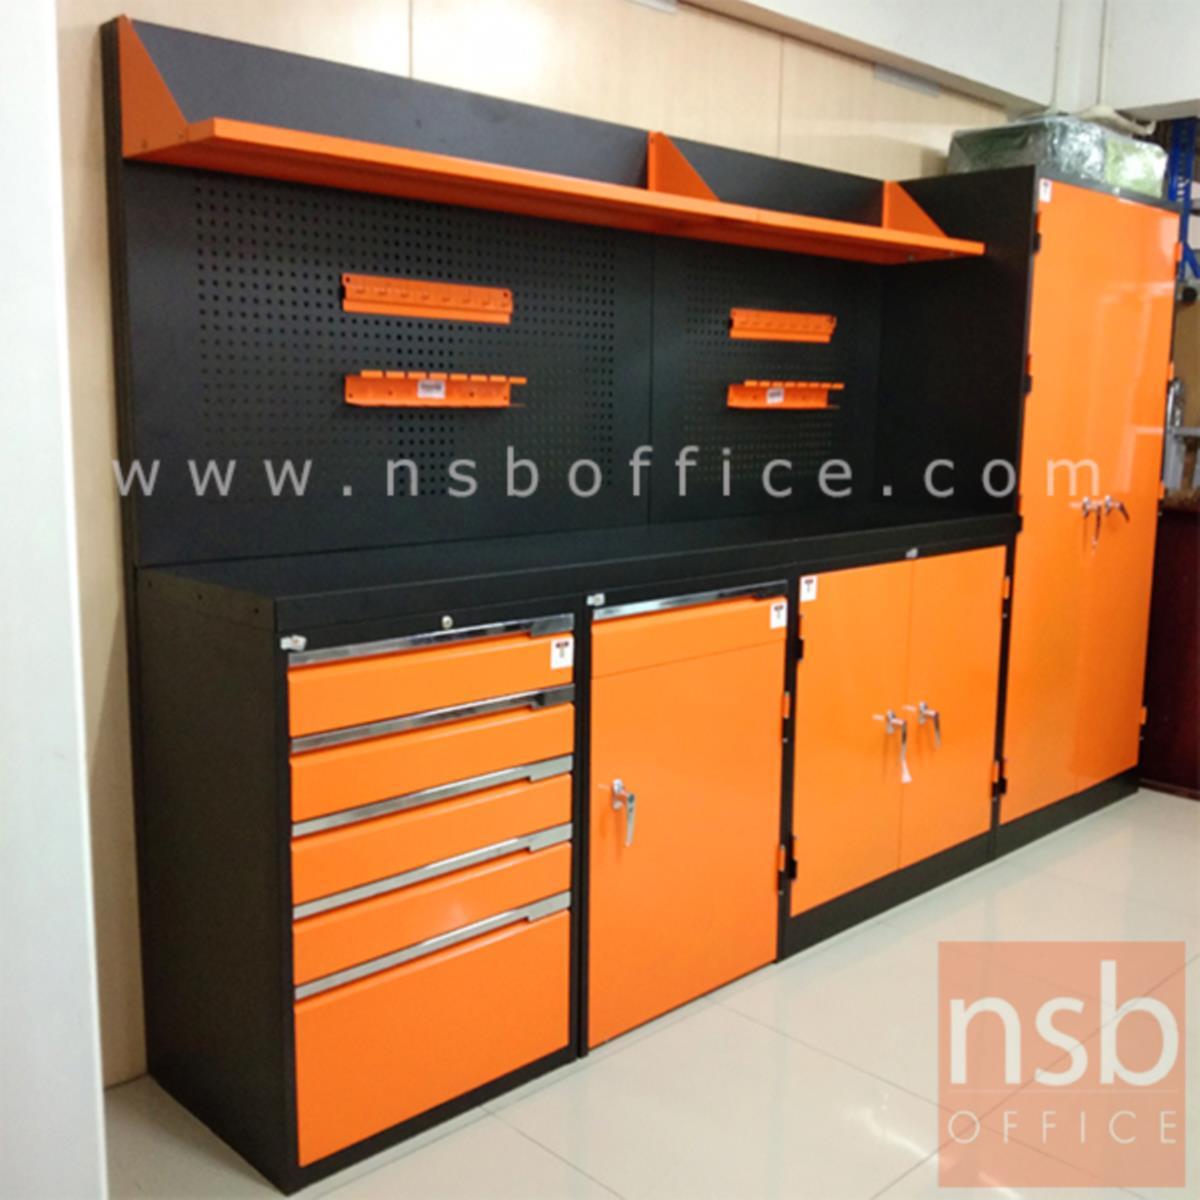 ชุดตู้เก็บเครื่องมือช่าง 307W*49.7D*183H cm. พร้อมแผ่นท็อปแผ่นชั้นและอุปกรณ์เสริม